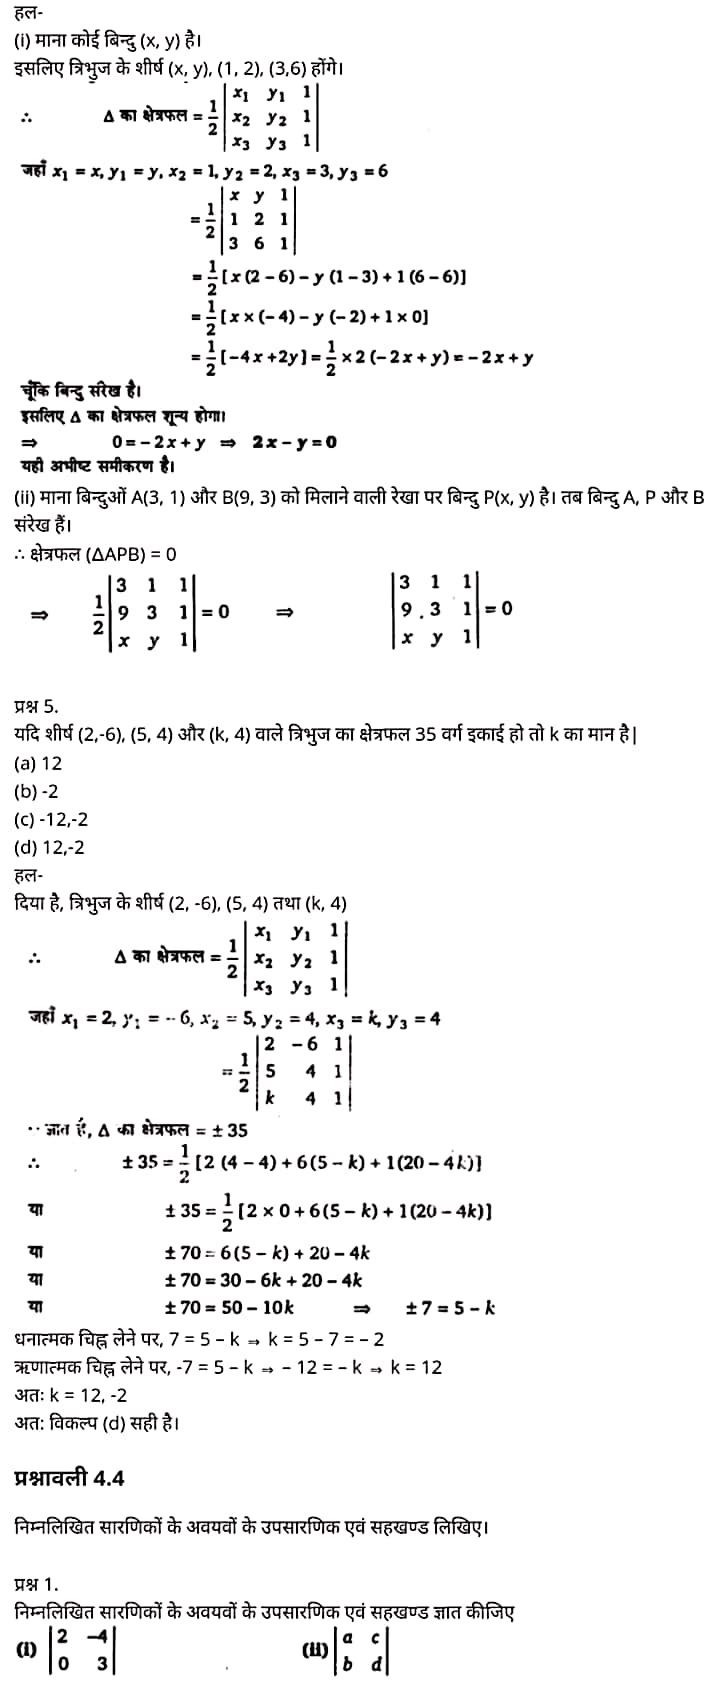 Class 12 Maths, Chapter 4 Hindi Medium,  मैथ्स कक्षा 12 नोट्स pdf,  मैथ्स कक्षा 12 नोट्स 2020 NCERT,  मैथ्स कक्षा 12 PDF,  मैथ्स पुस्तक,  मैथ्स की बुक,  मैथ्स प्रश्नोत्तरी Class 12, 12 वीं मैथ्स पुस्तक RBSE,  बिहार बोर्ड 12 वीं मैथ्स नोट्स,   12th Maths book in hindi,12th Maths notes in hindi,cbse books for class 12,cbse books in hindi,cbse ncert books,class 12 Maths notes in hindi,class 12 hindi ncert solutions,Maths 2020,Maths 2021,Maths 2022,Maths book class 12,Maths book in hindi,Maths class 12 in hindi,Maths notes for class 12 up board in hindi,ncert all books,ncert app in hindi,ncert book solution,ncert books class 10,ncert books class 12,ncert books for class 7,ncert books for upsc in hindi,ncert books in hindi class 10,ncert books in hindi for class 12 Maths,ncert books in hindi for class 6,ncert books in hindi pdf,ncert class 12 hindi book,ncert english book,ncert Maths book in hindi,ncert Maths books in hindi pdf,ncert Maths class 12,ncert in hindi,old ncert books in hindi,online ncert books in hindi,up board 12th,up board 12th syllabus,up board class 10 hindi book,up board class 12 books,up board class 12 new syllabus,up Board Maths 2020,up Board Maths 2021,up Board Maths 2022,up Board Maths 2023,up board intermediate Maths syllabus,up board intermediate syllabus 2021,Up board Master 2021,up board model paper 2021,up board model paper all subject,up board new syllabus of class 12th Maths,up board paper 2021,Up board syllabus 2021,UP board syllabus 2022,  12 veen maiths buk hindee mein, 12 veen maiths nots hindee mein, seebeeesasee kitaaben 12 ke lie, seebeeesasee kitaaben hindee mein, seebeeesasee enaseeaaratee kitaaben, klaas 12 maiths nots in hindee, klaas 12 hindee enaseeteeaar solyooshans, maiths 2020, maiths 2021, maiths 2022, maiths buk klaas 12, maiths buk in hindee, maiths klaas 12 hindee mein, maiths nots phor klaas 12 ap bord in hindee, nchairt all books, nchairt app in hindi, nchairt book solution, nchairt books klaas 10, nchairt books klaas 12